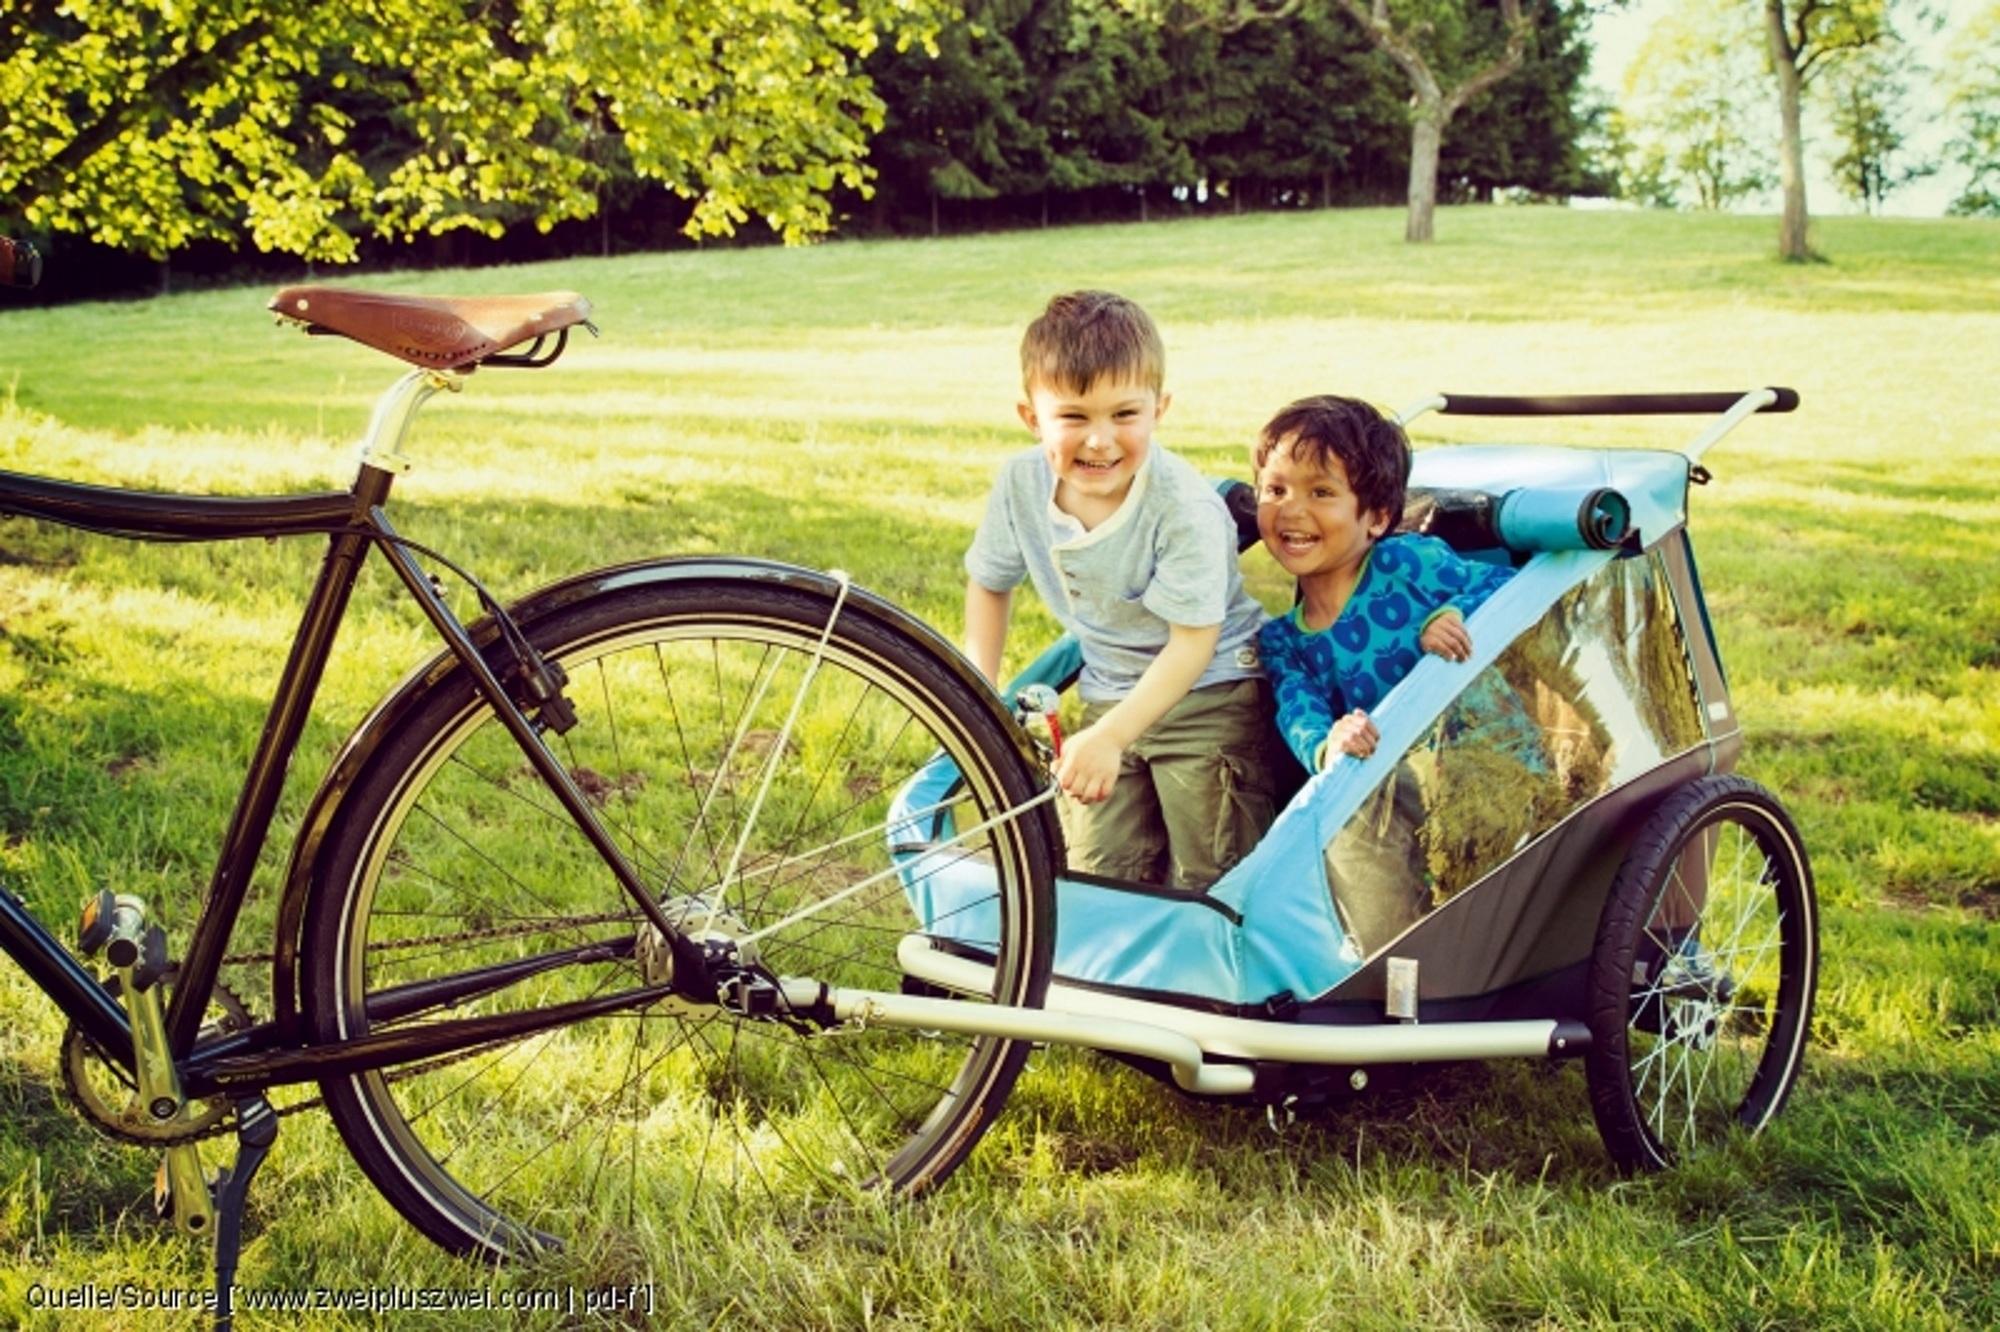 Ratgeber: Fahrradtour mit kleinen Kindern - Hinten drauf oder hinten dran?